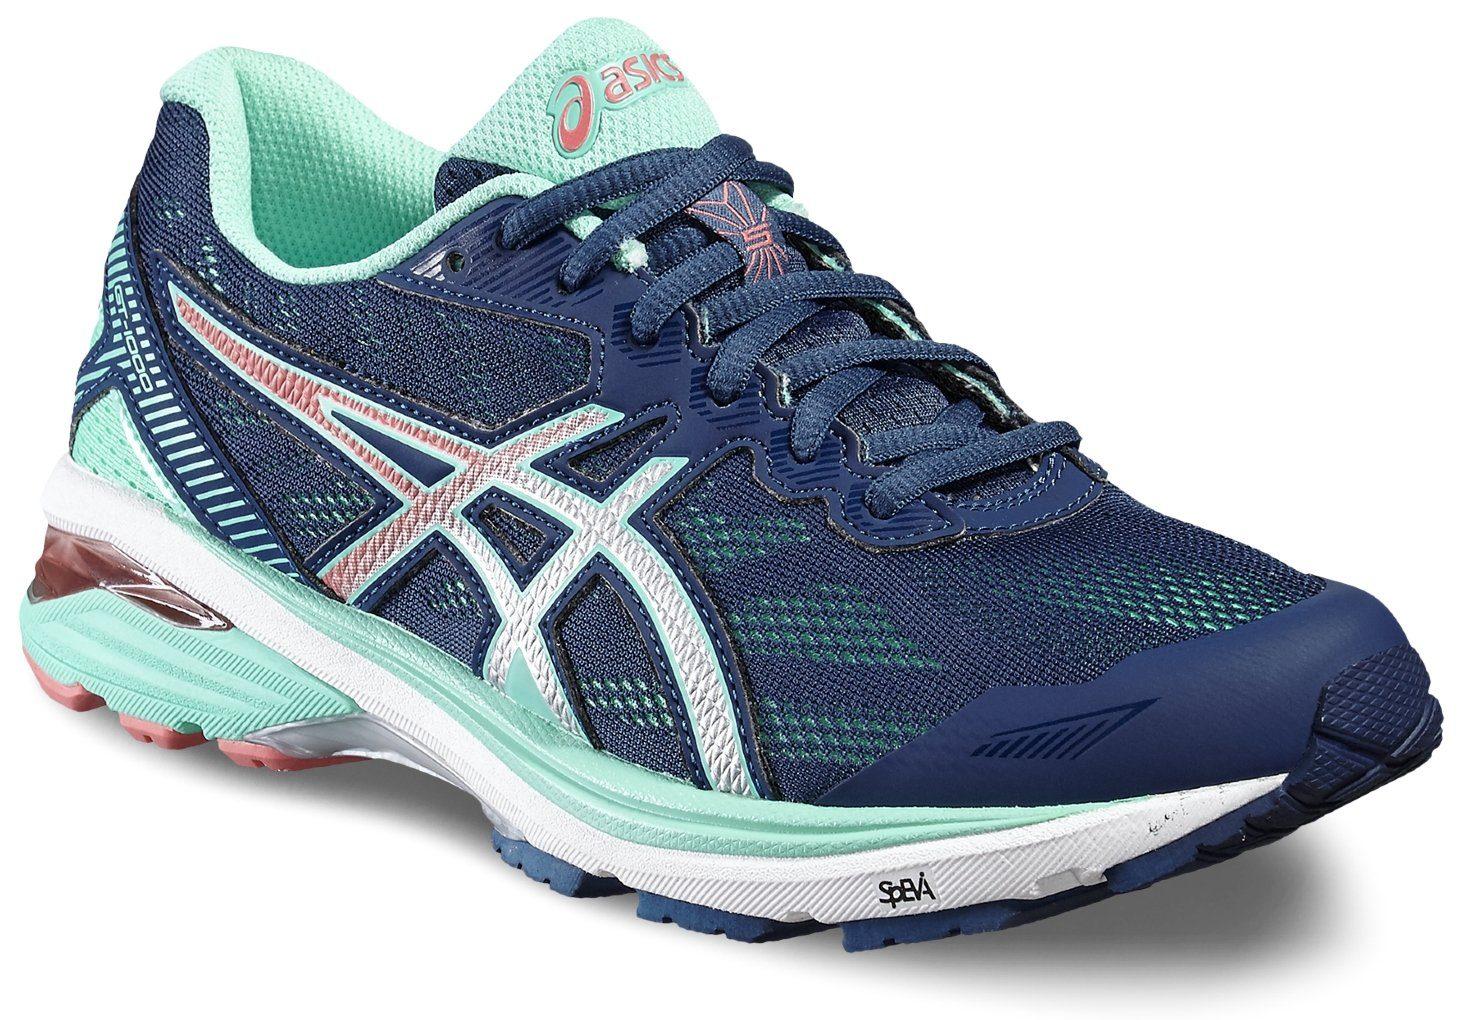 Asics Runningschuh »GT-1000 5 Shoe Women«